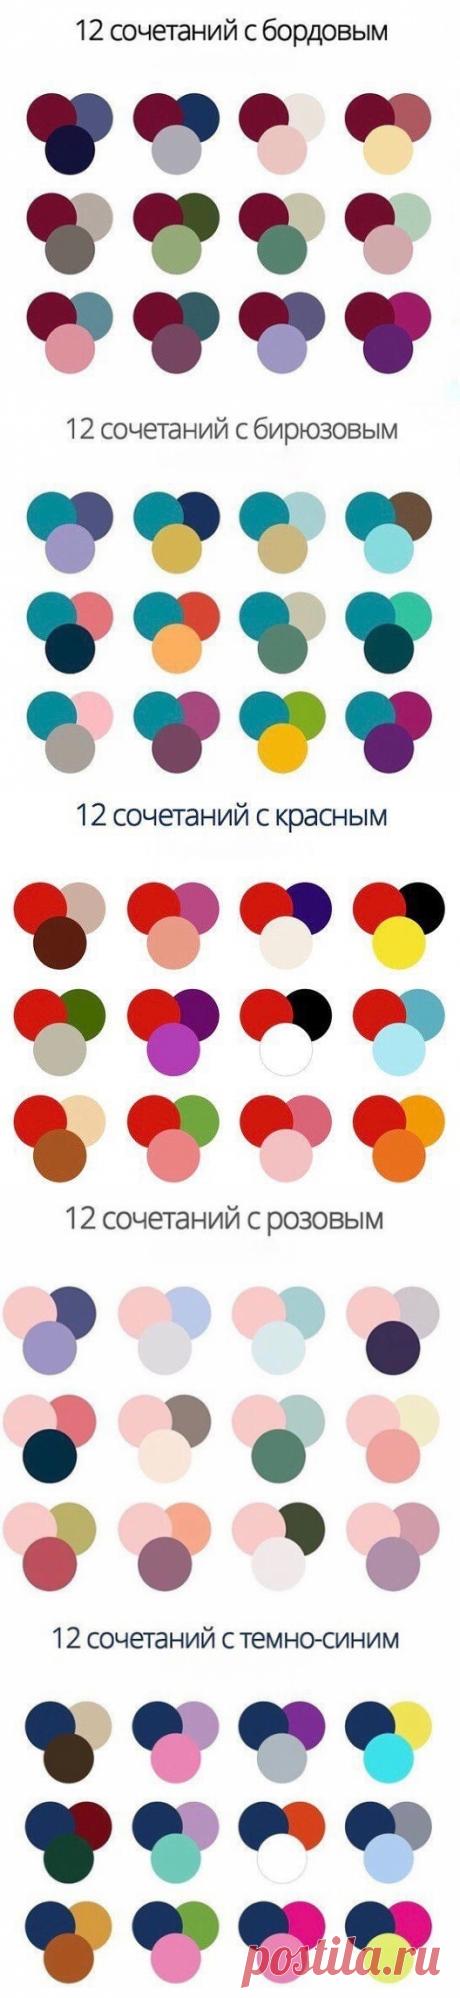 Удачные сочетания цветов.